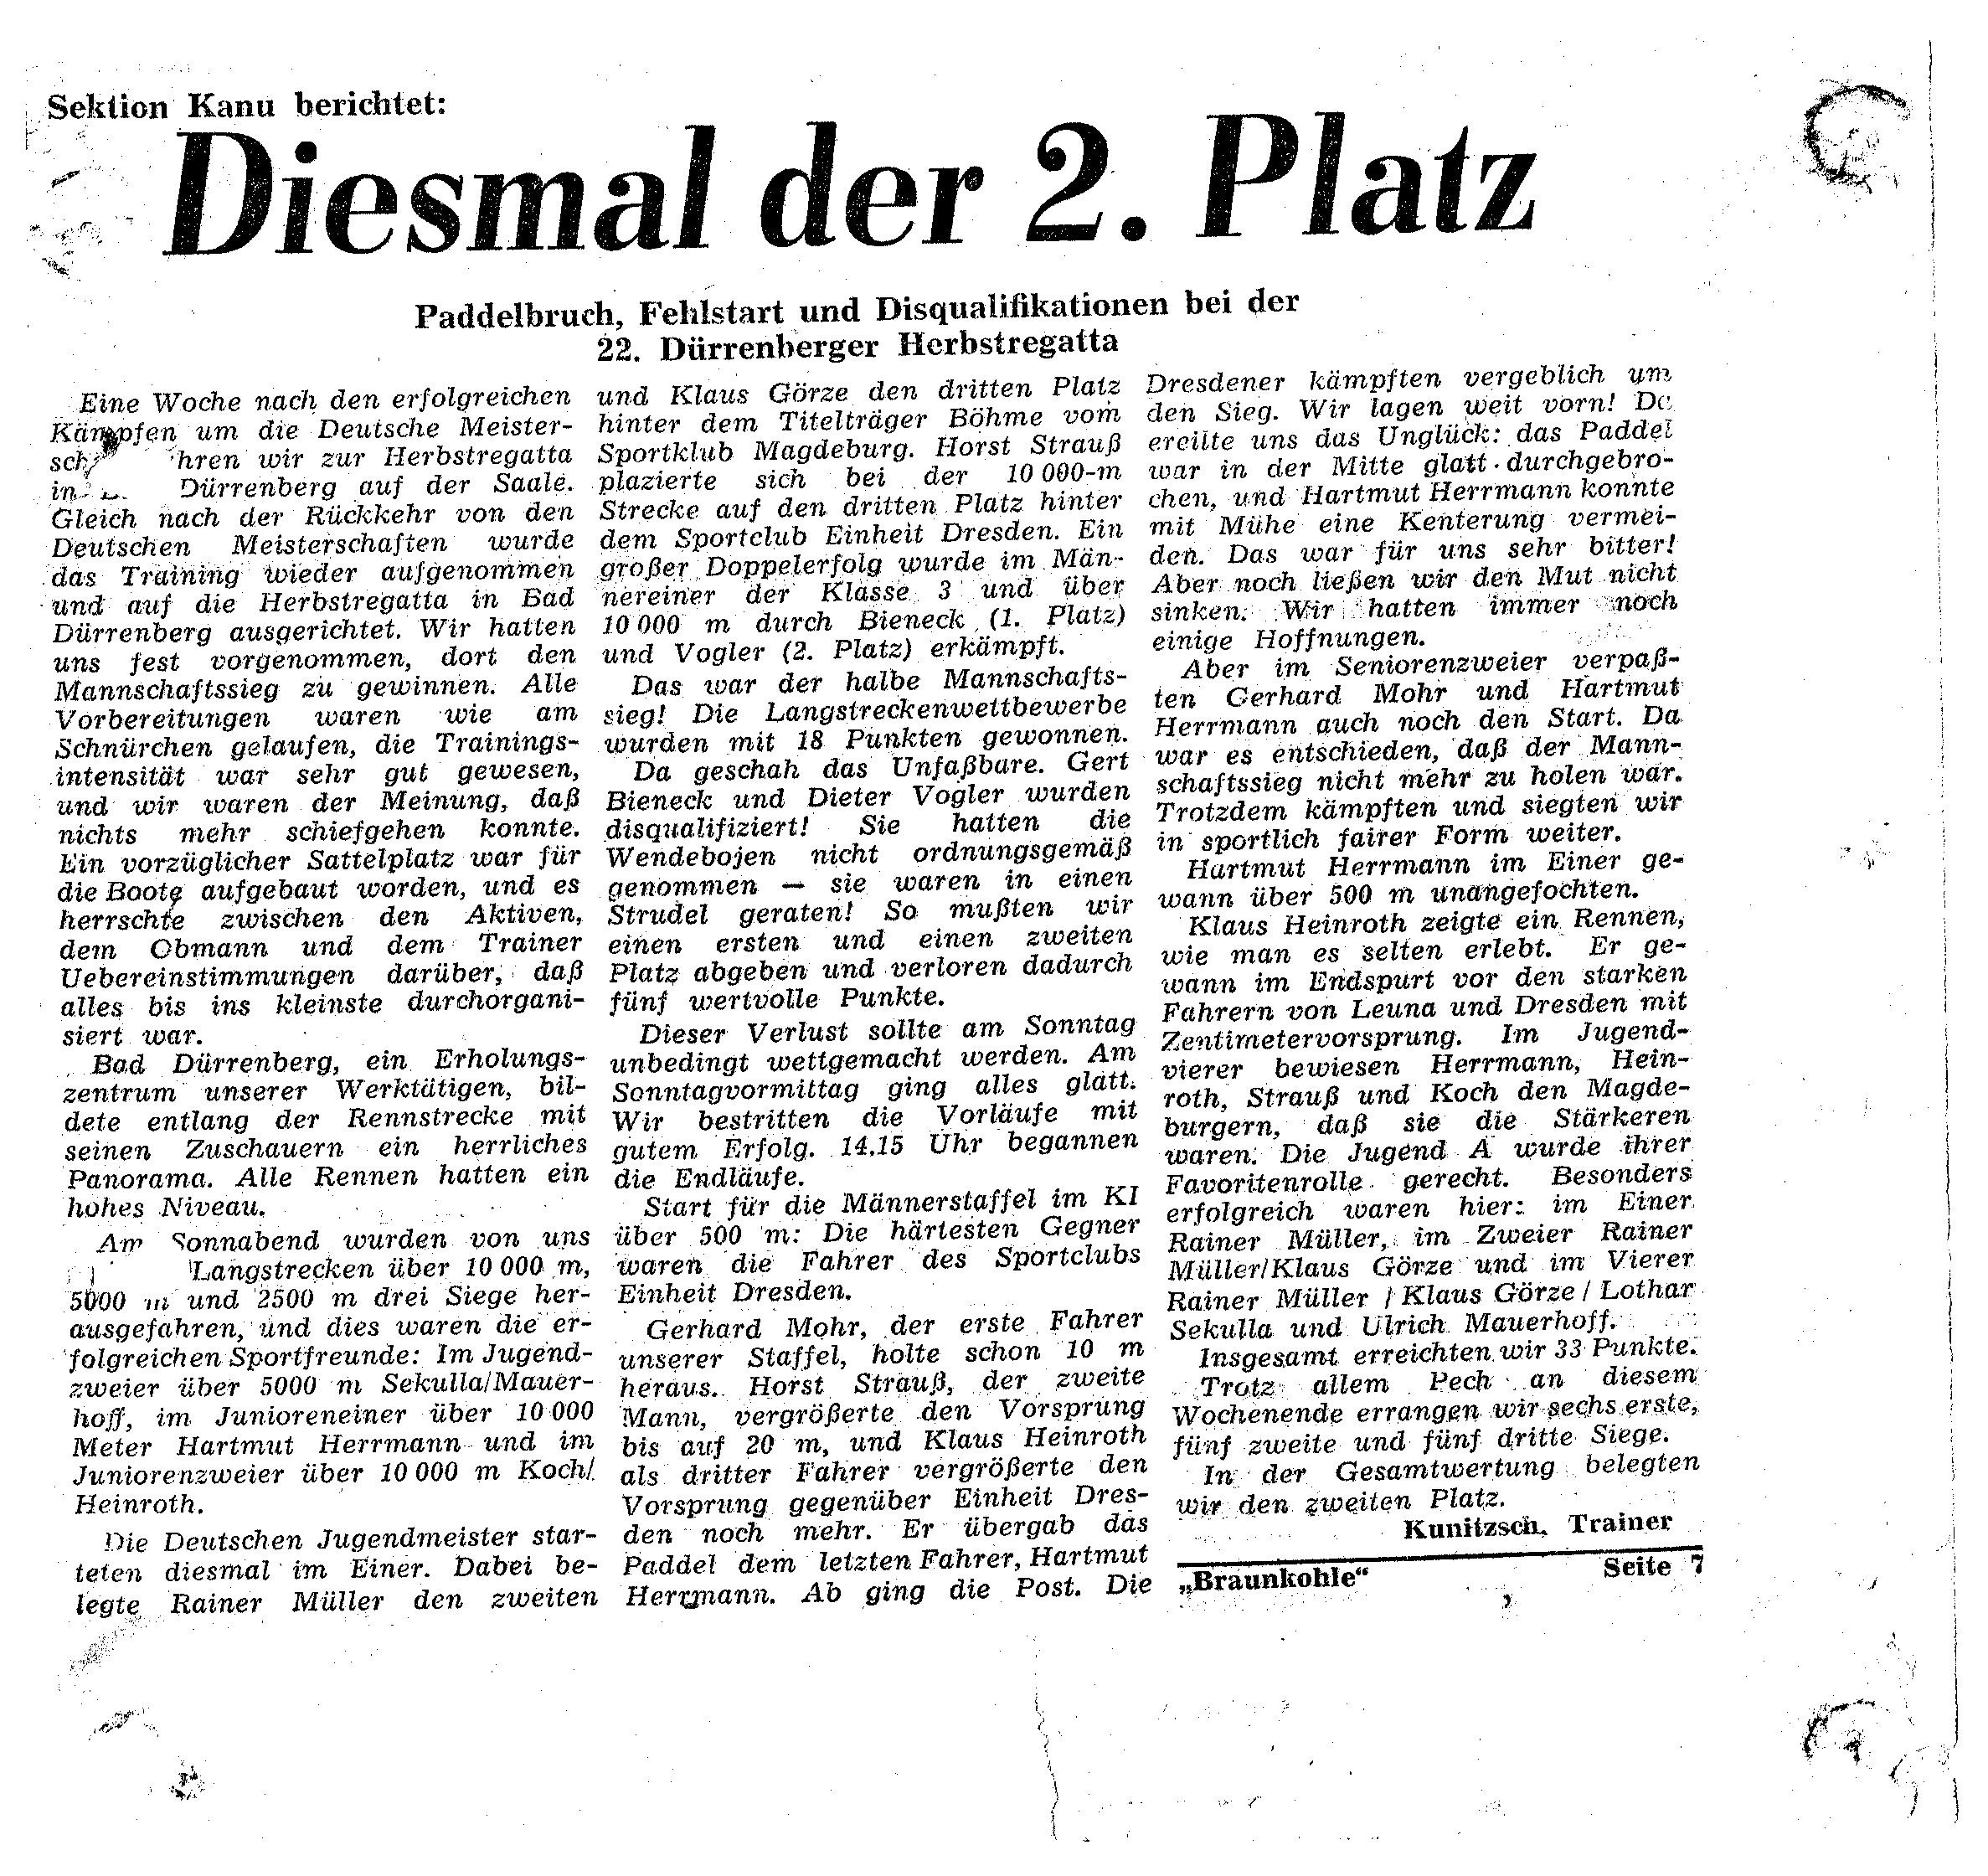 1960er Diesmal der 2.Platz